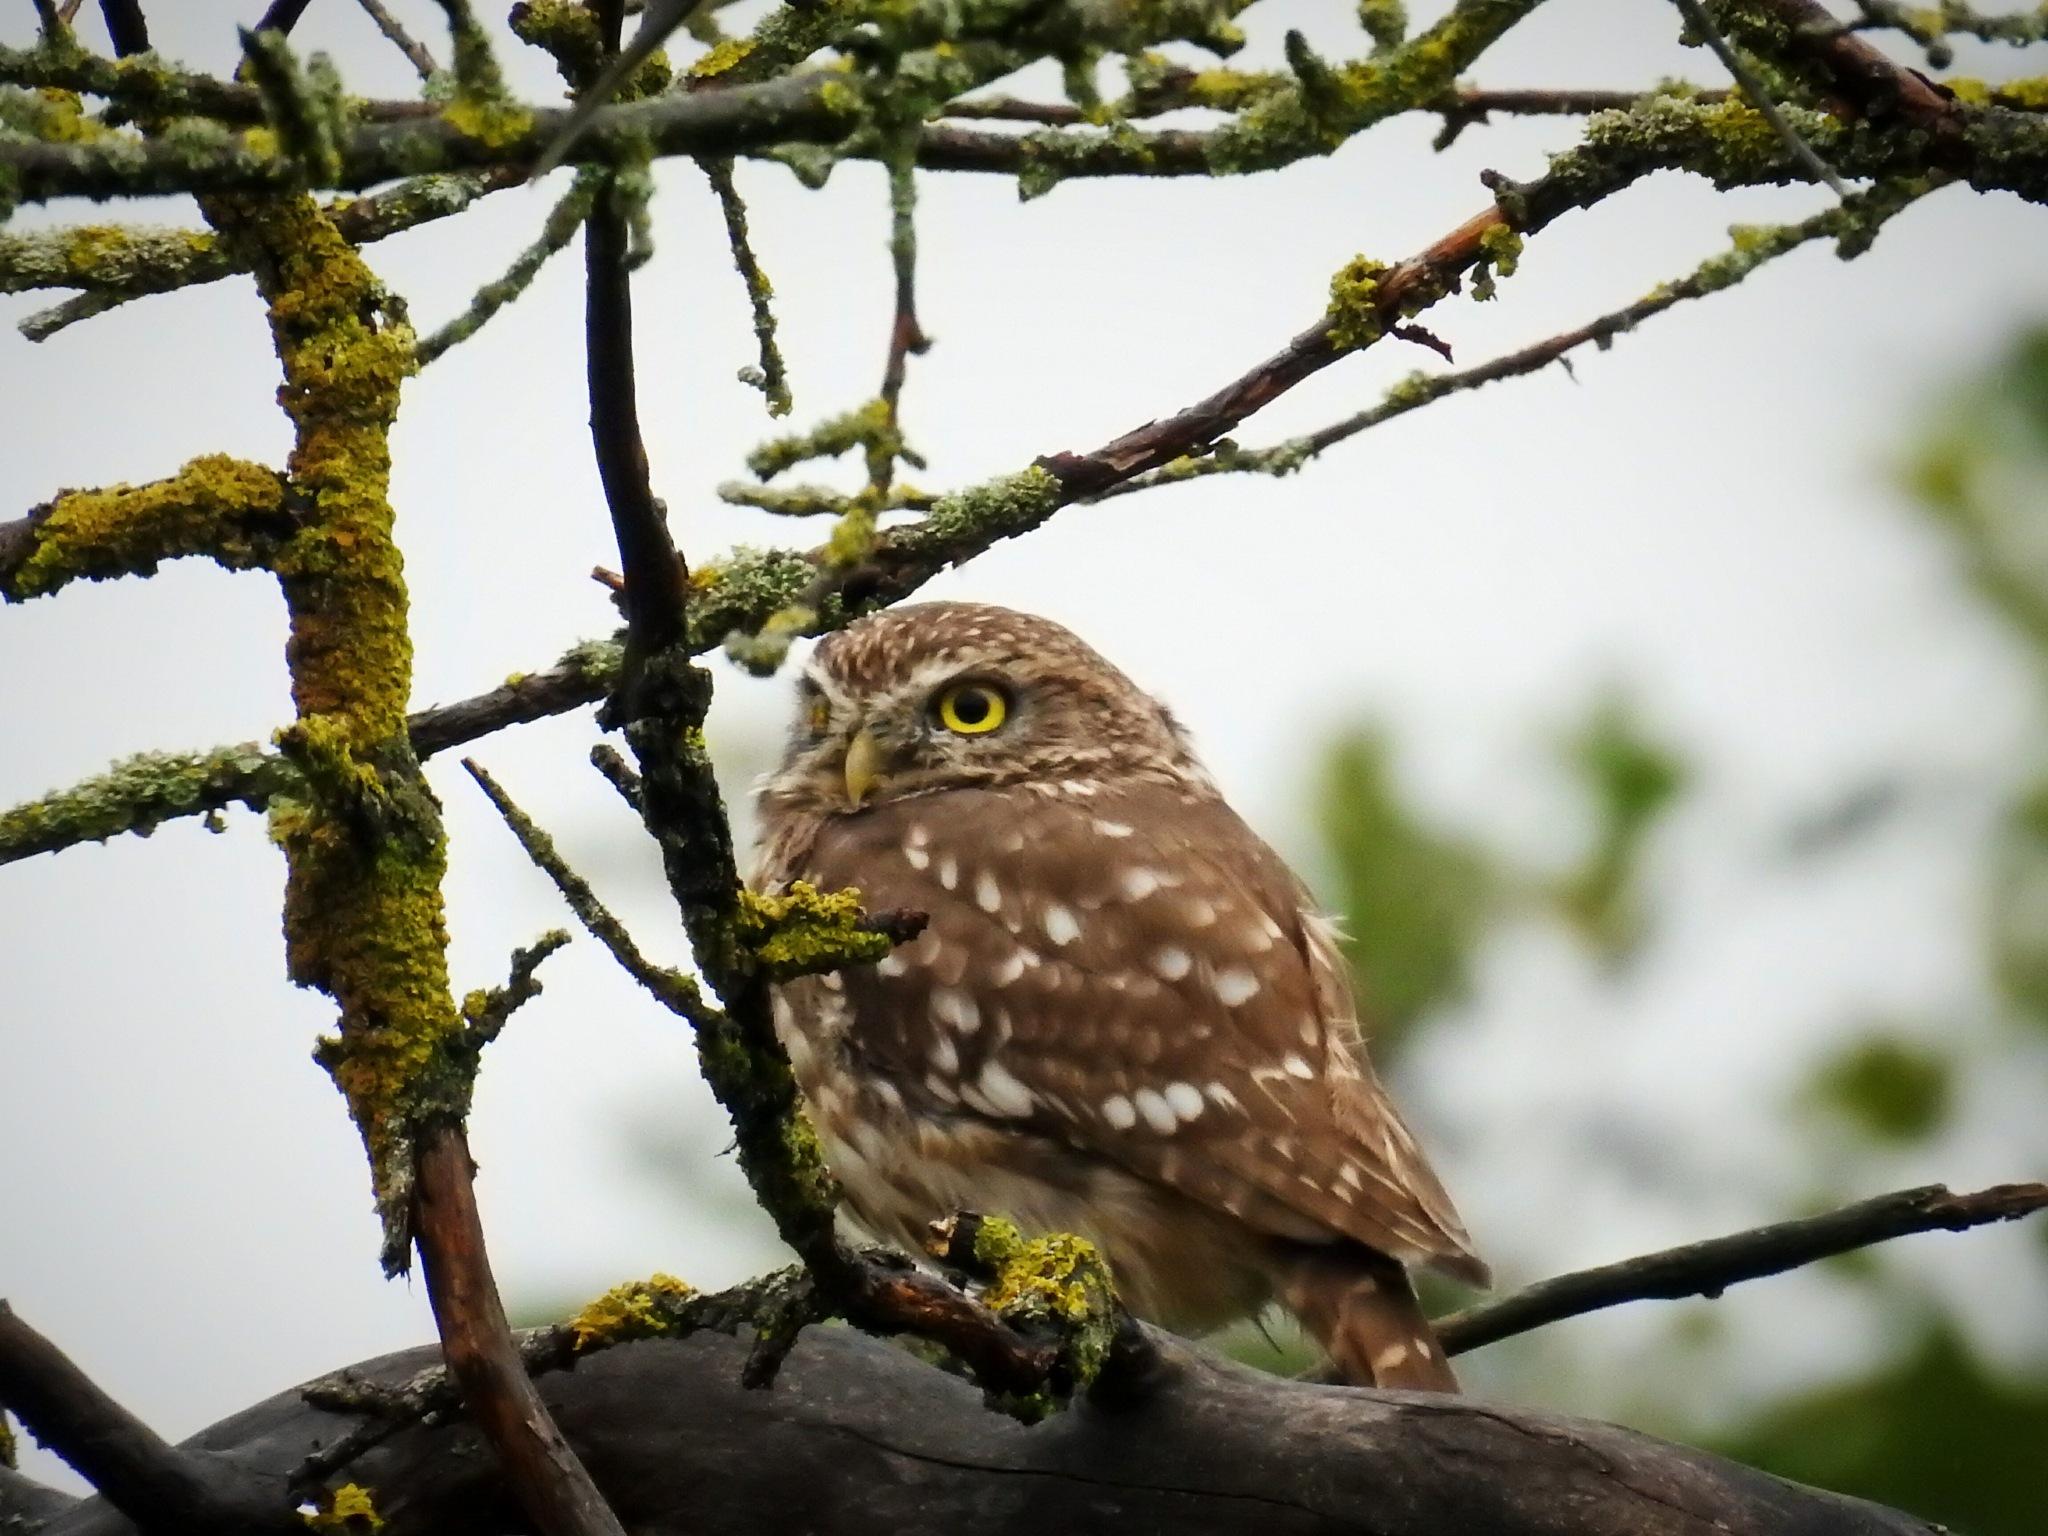 Owl by olcsi9